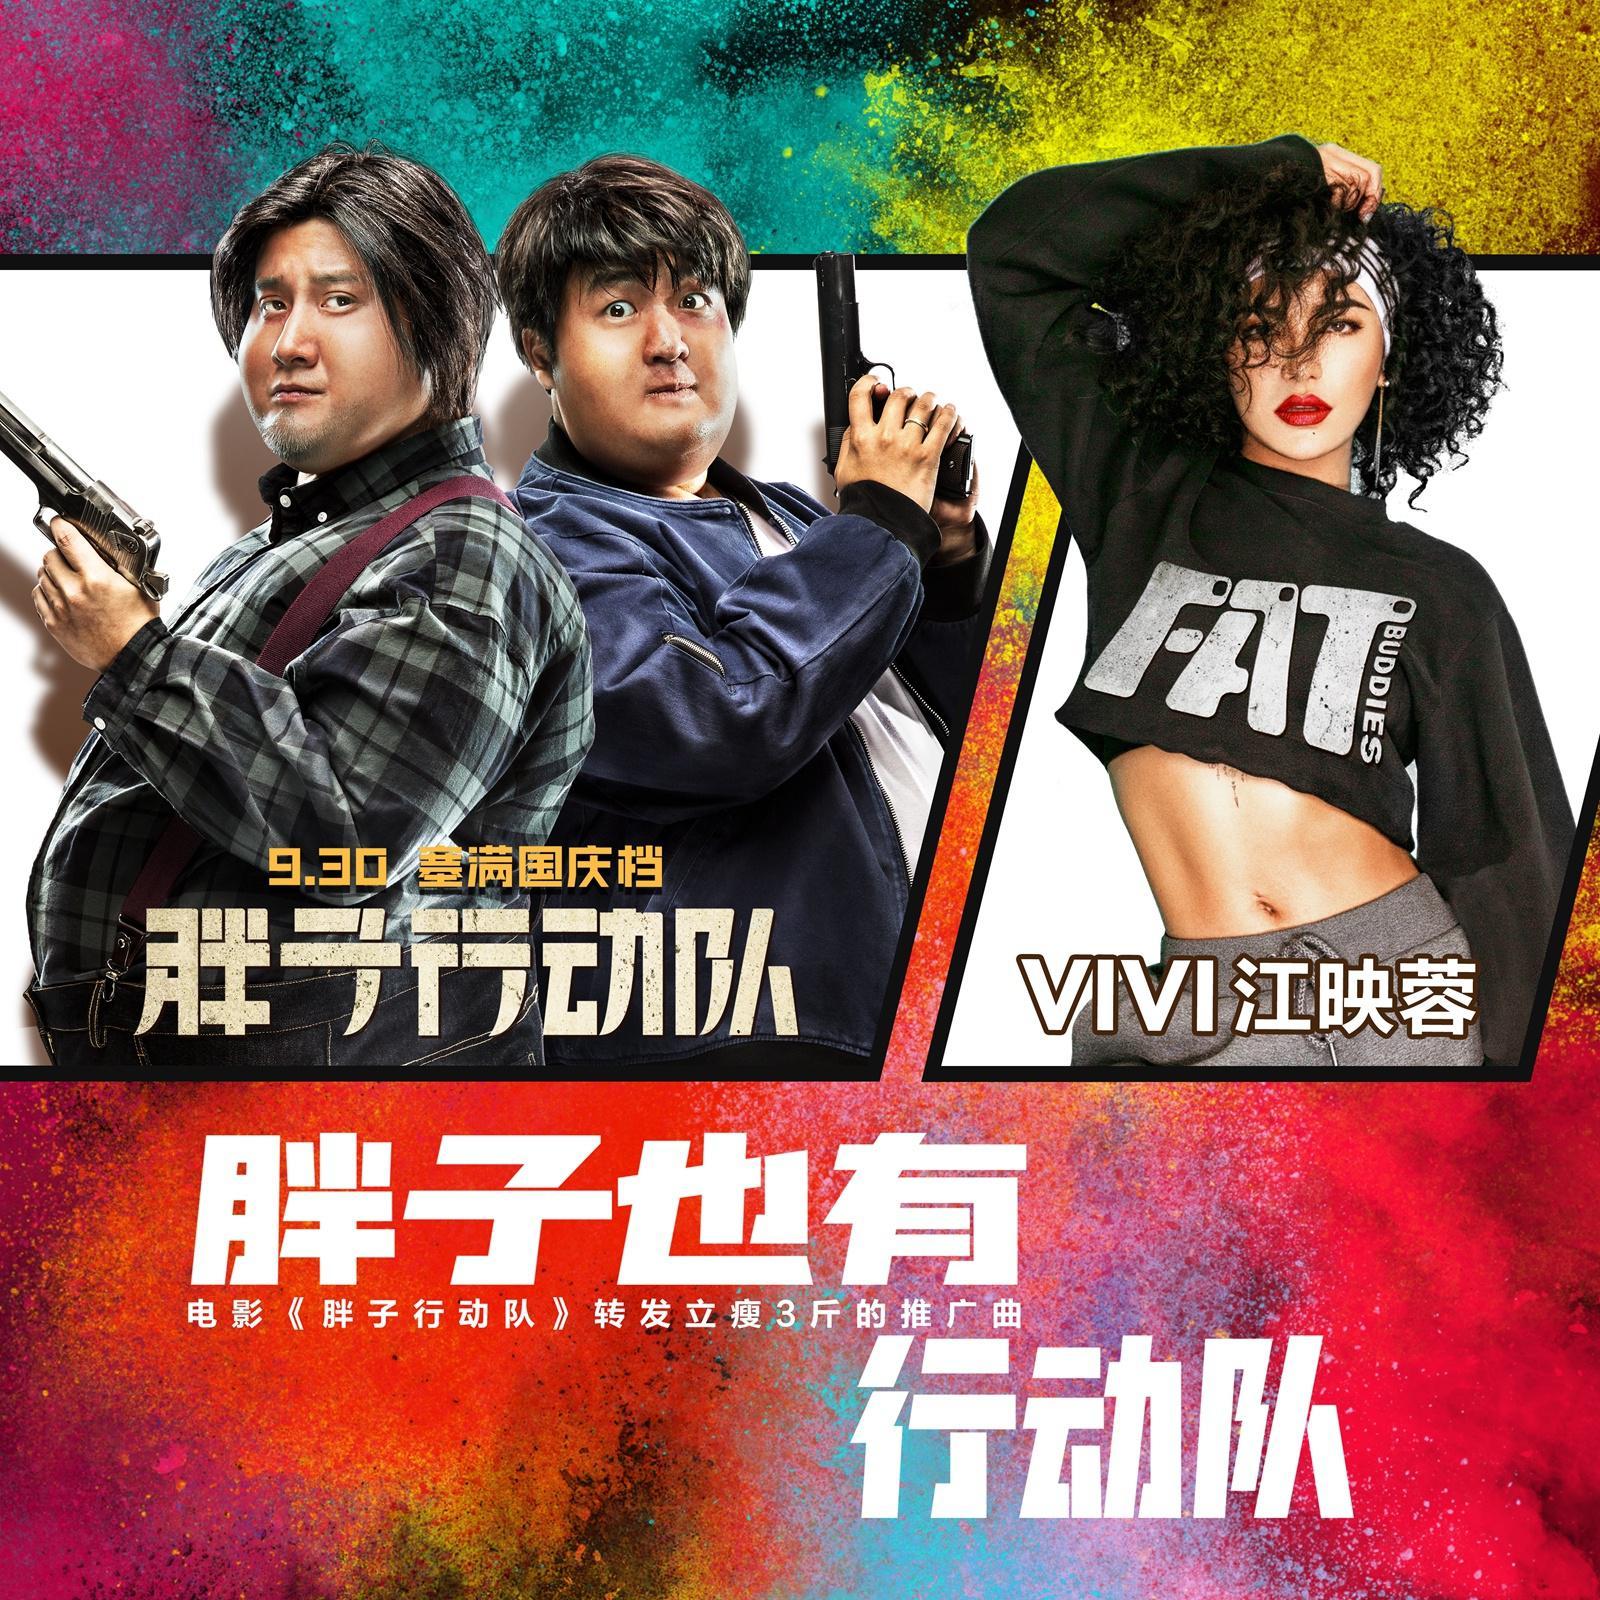 电影《胖子行动队》转发立瘦3斤推广曲